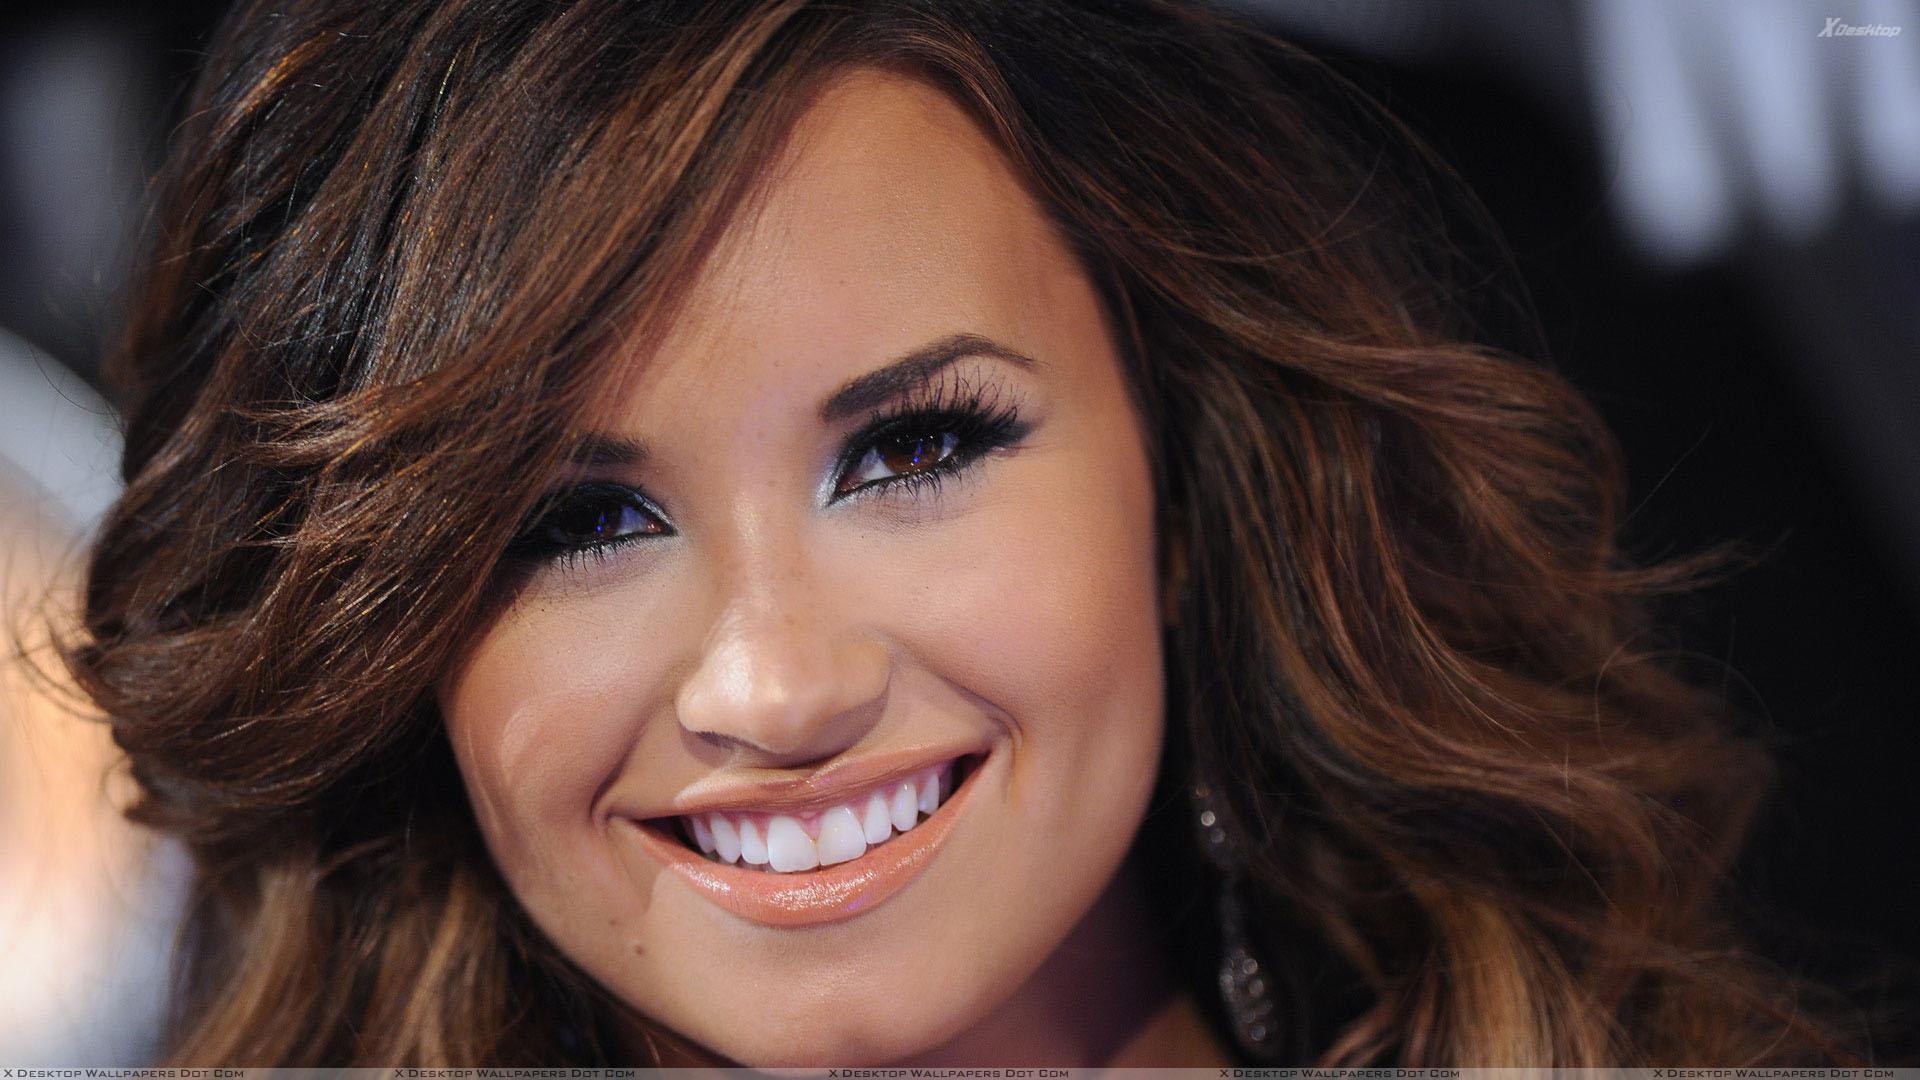 Demi Lovato Cute Pics 2012 DEMI S CUTE SMILE